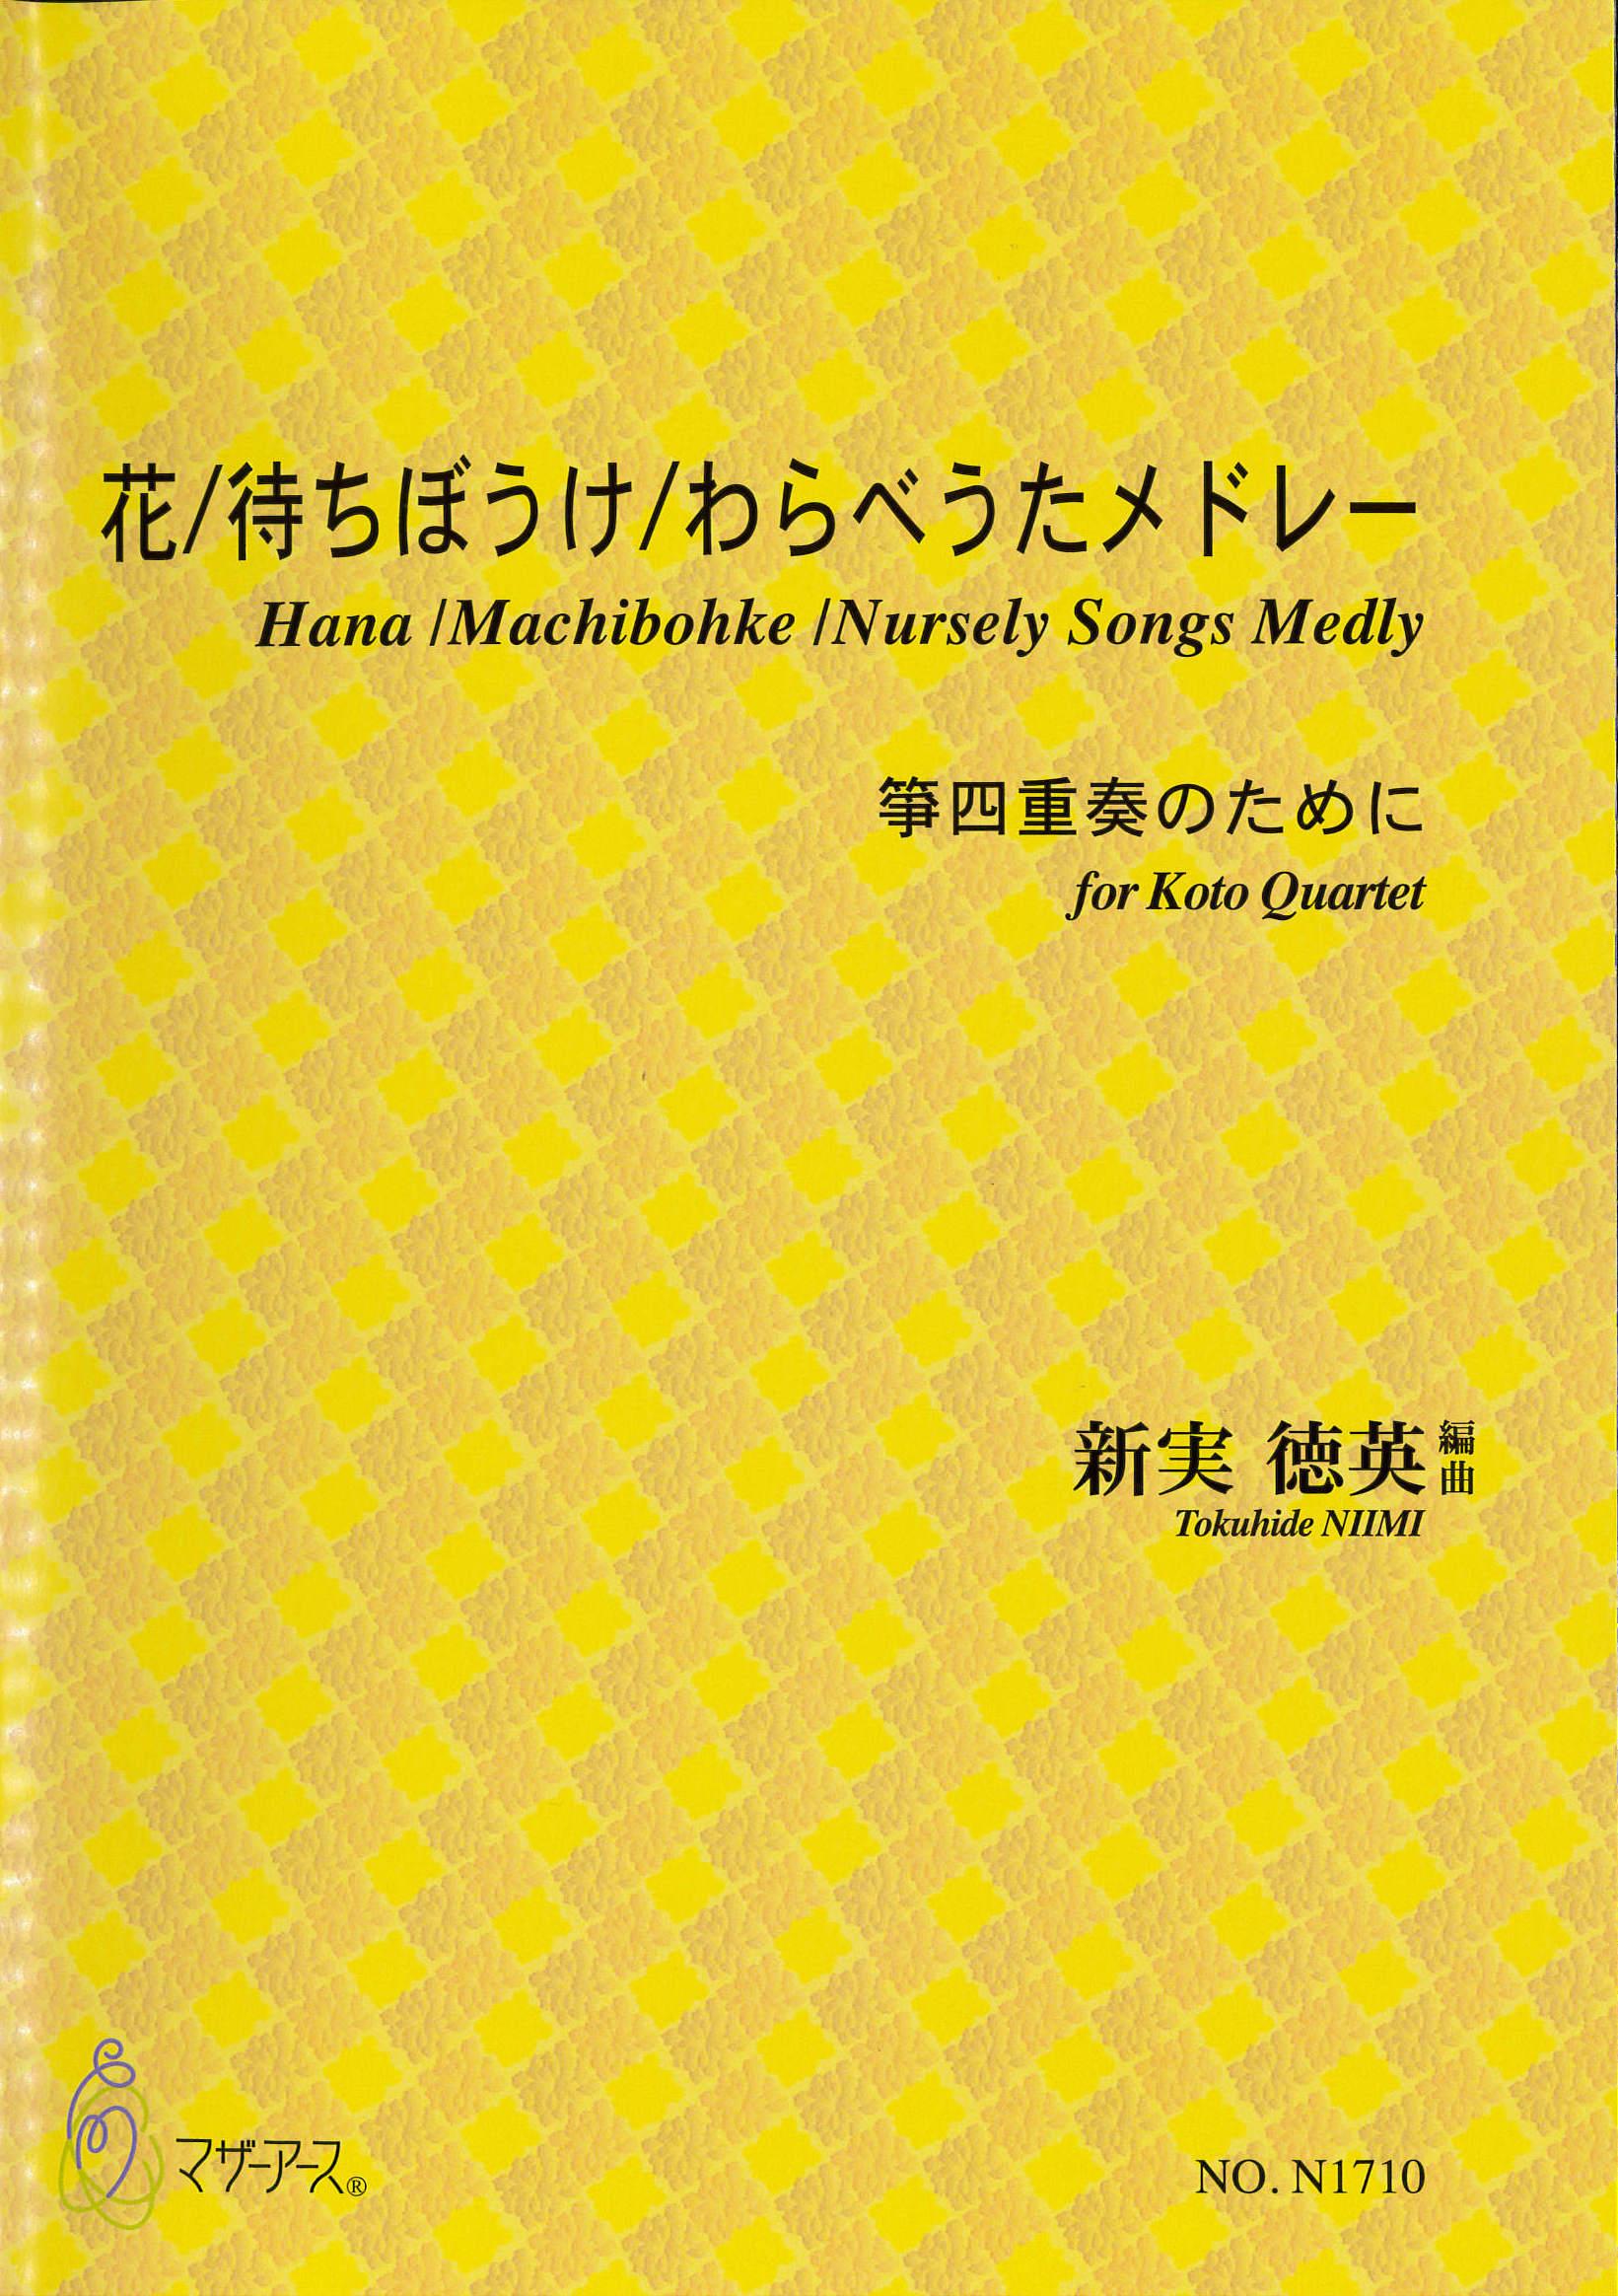 箏譜+五線譜 花/待ちぼうけ/わらべうたメドレー 箏四重奏のために[5663]